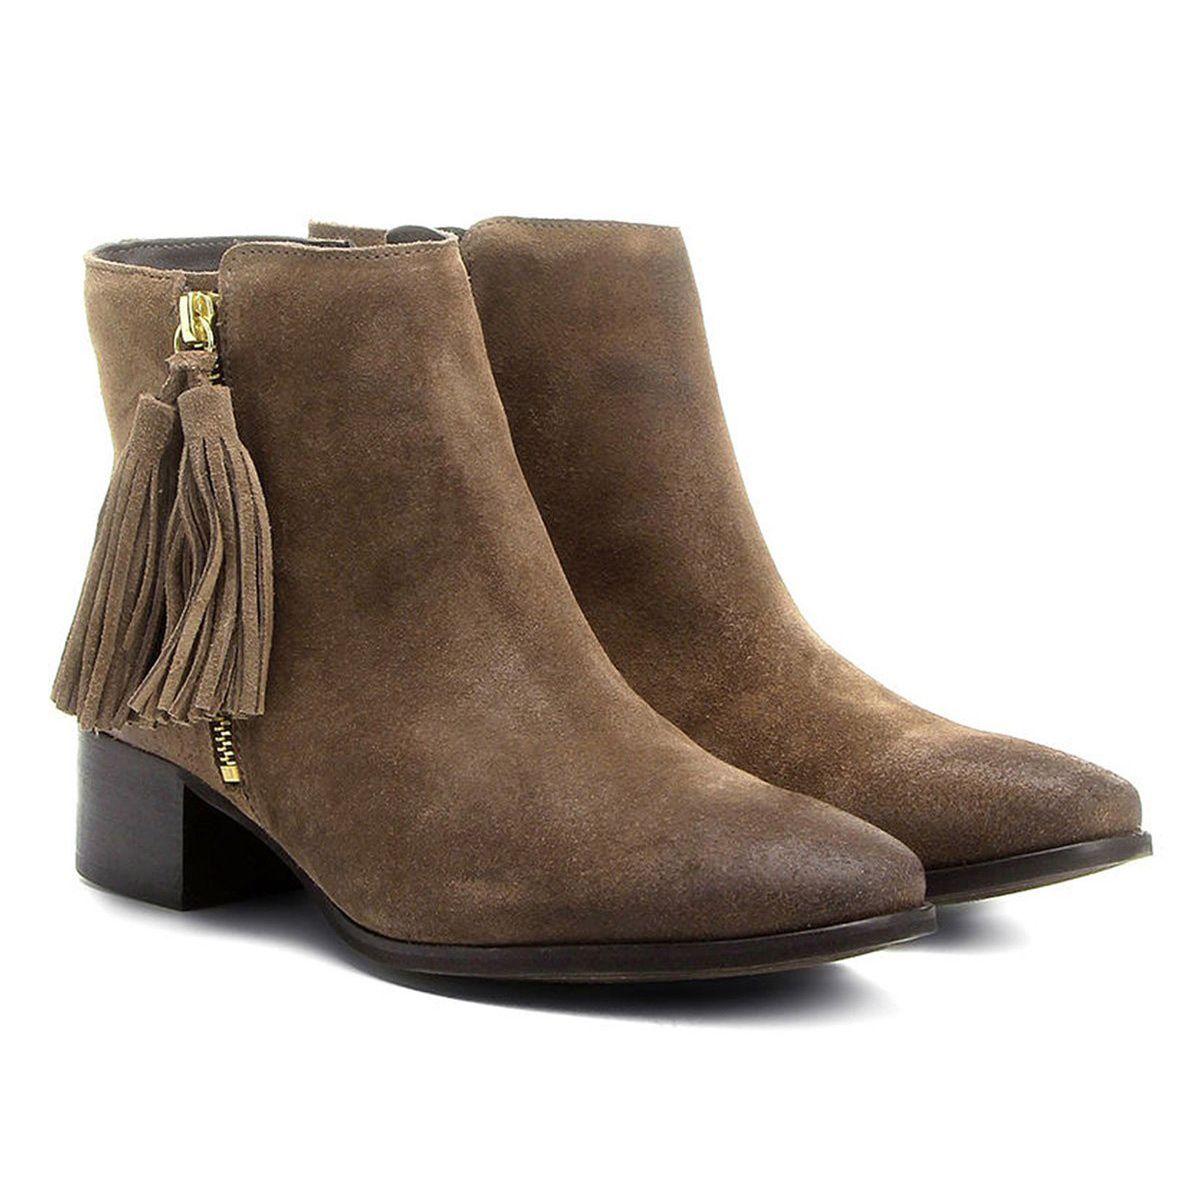 c5ea0d6f15 Bota Couro Chelsea Shoestock Salto Grosso Feminina - Marrom em 2019 ...